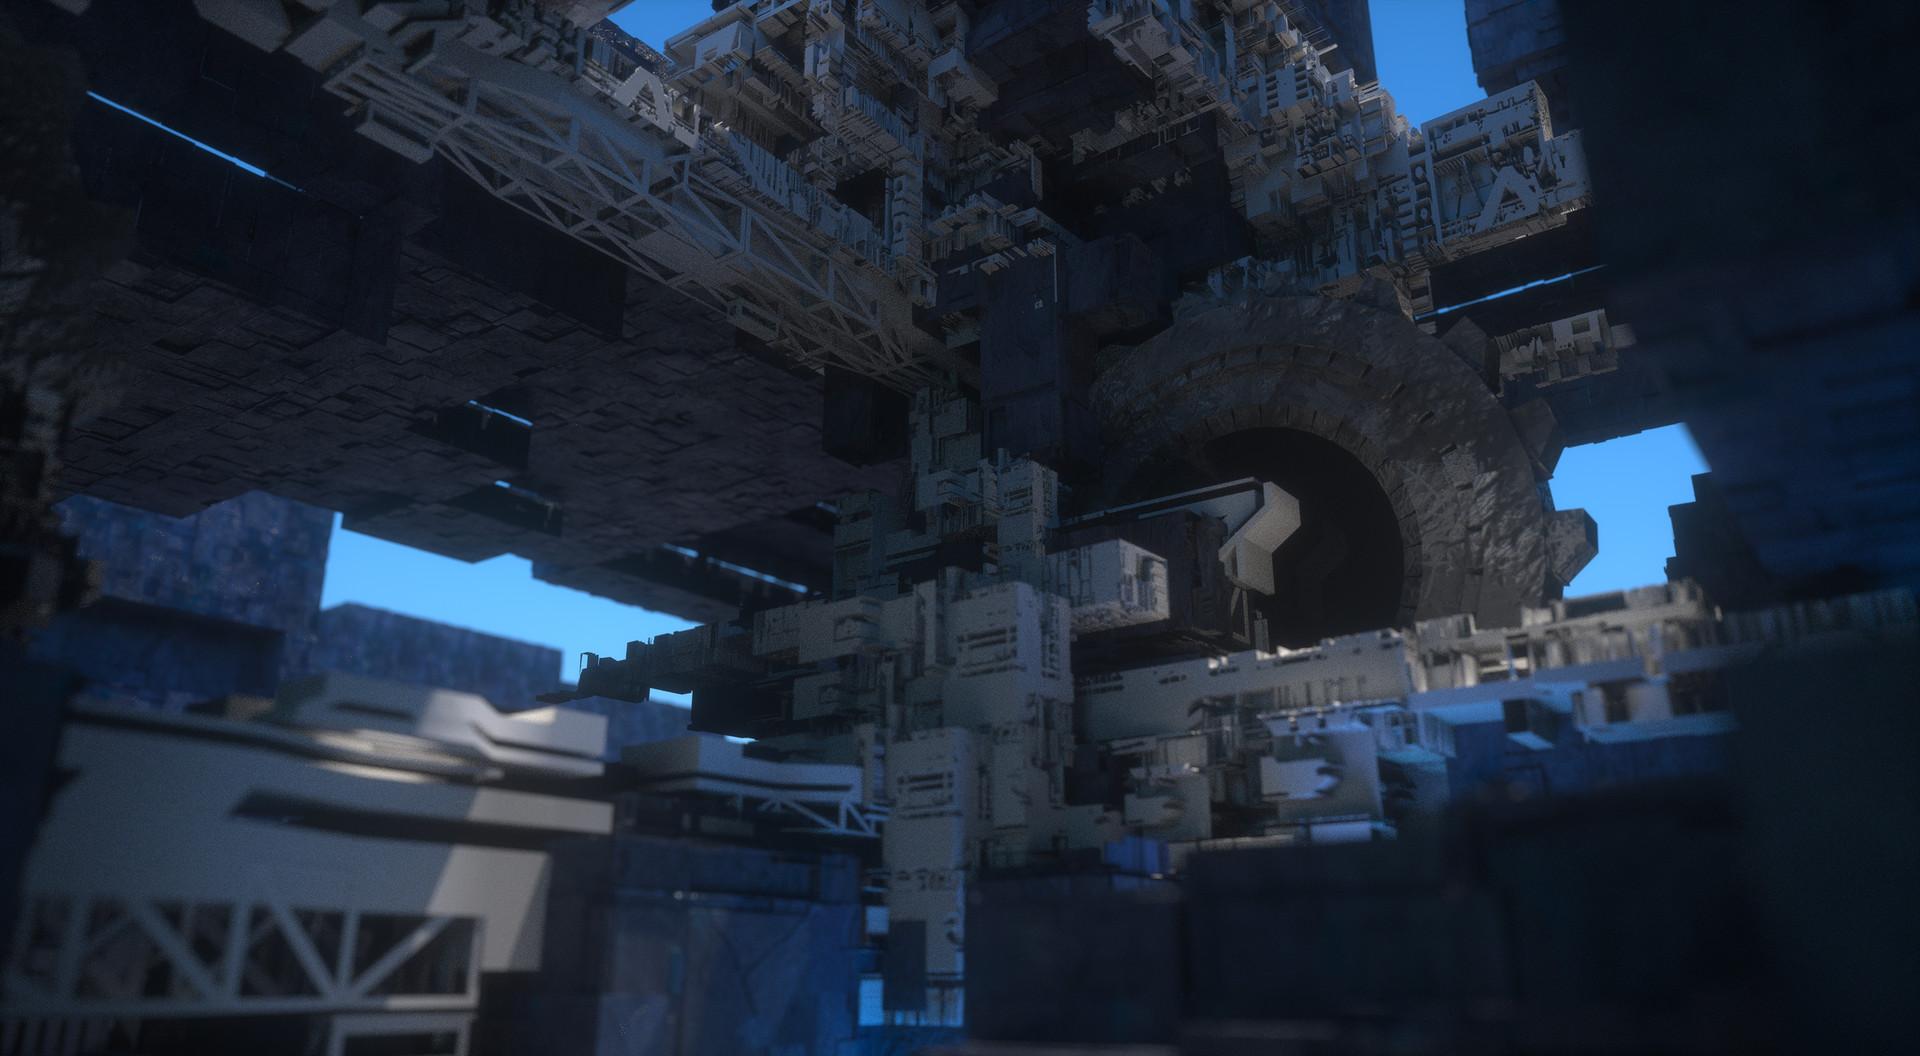 Leon tukker testrenderinterior final depthoffield0017